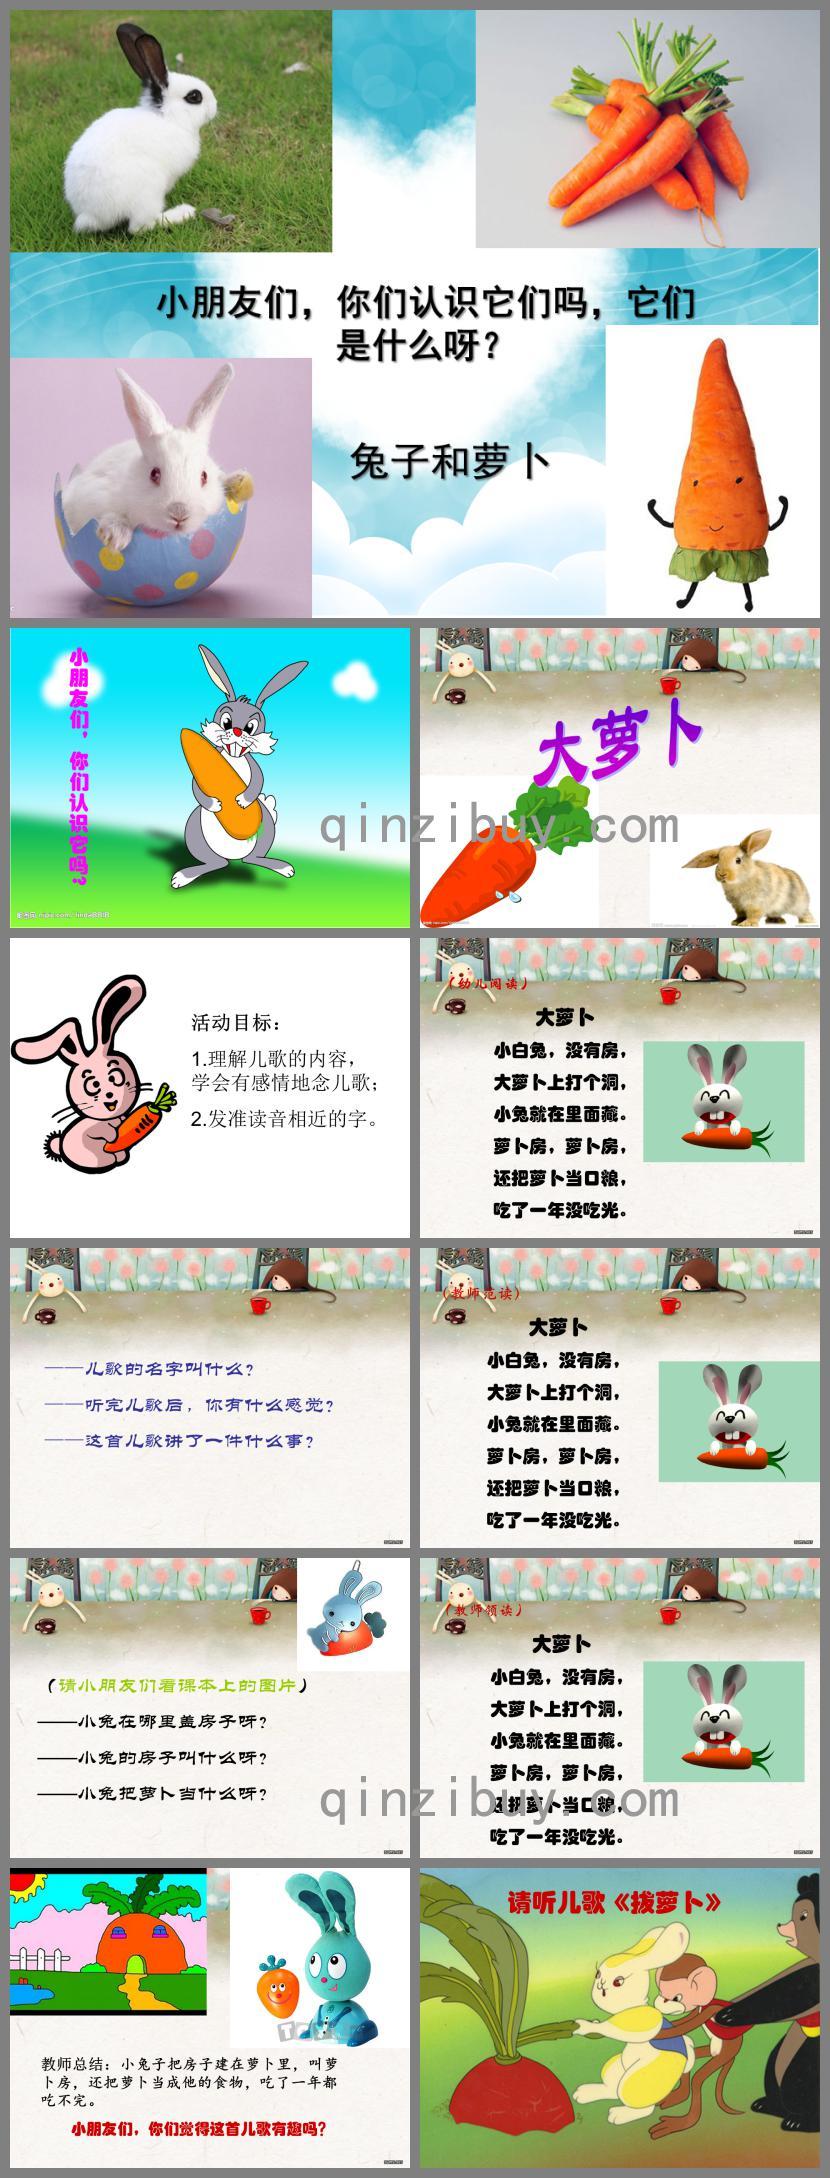 幼儿园小班下学期大萝卜PPT课件